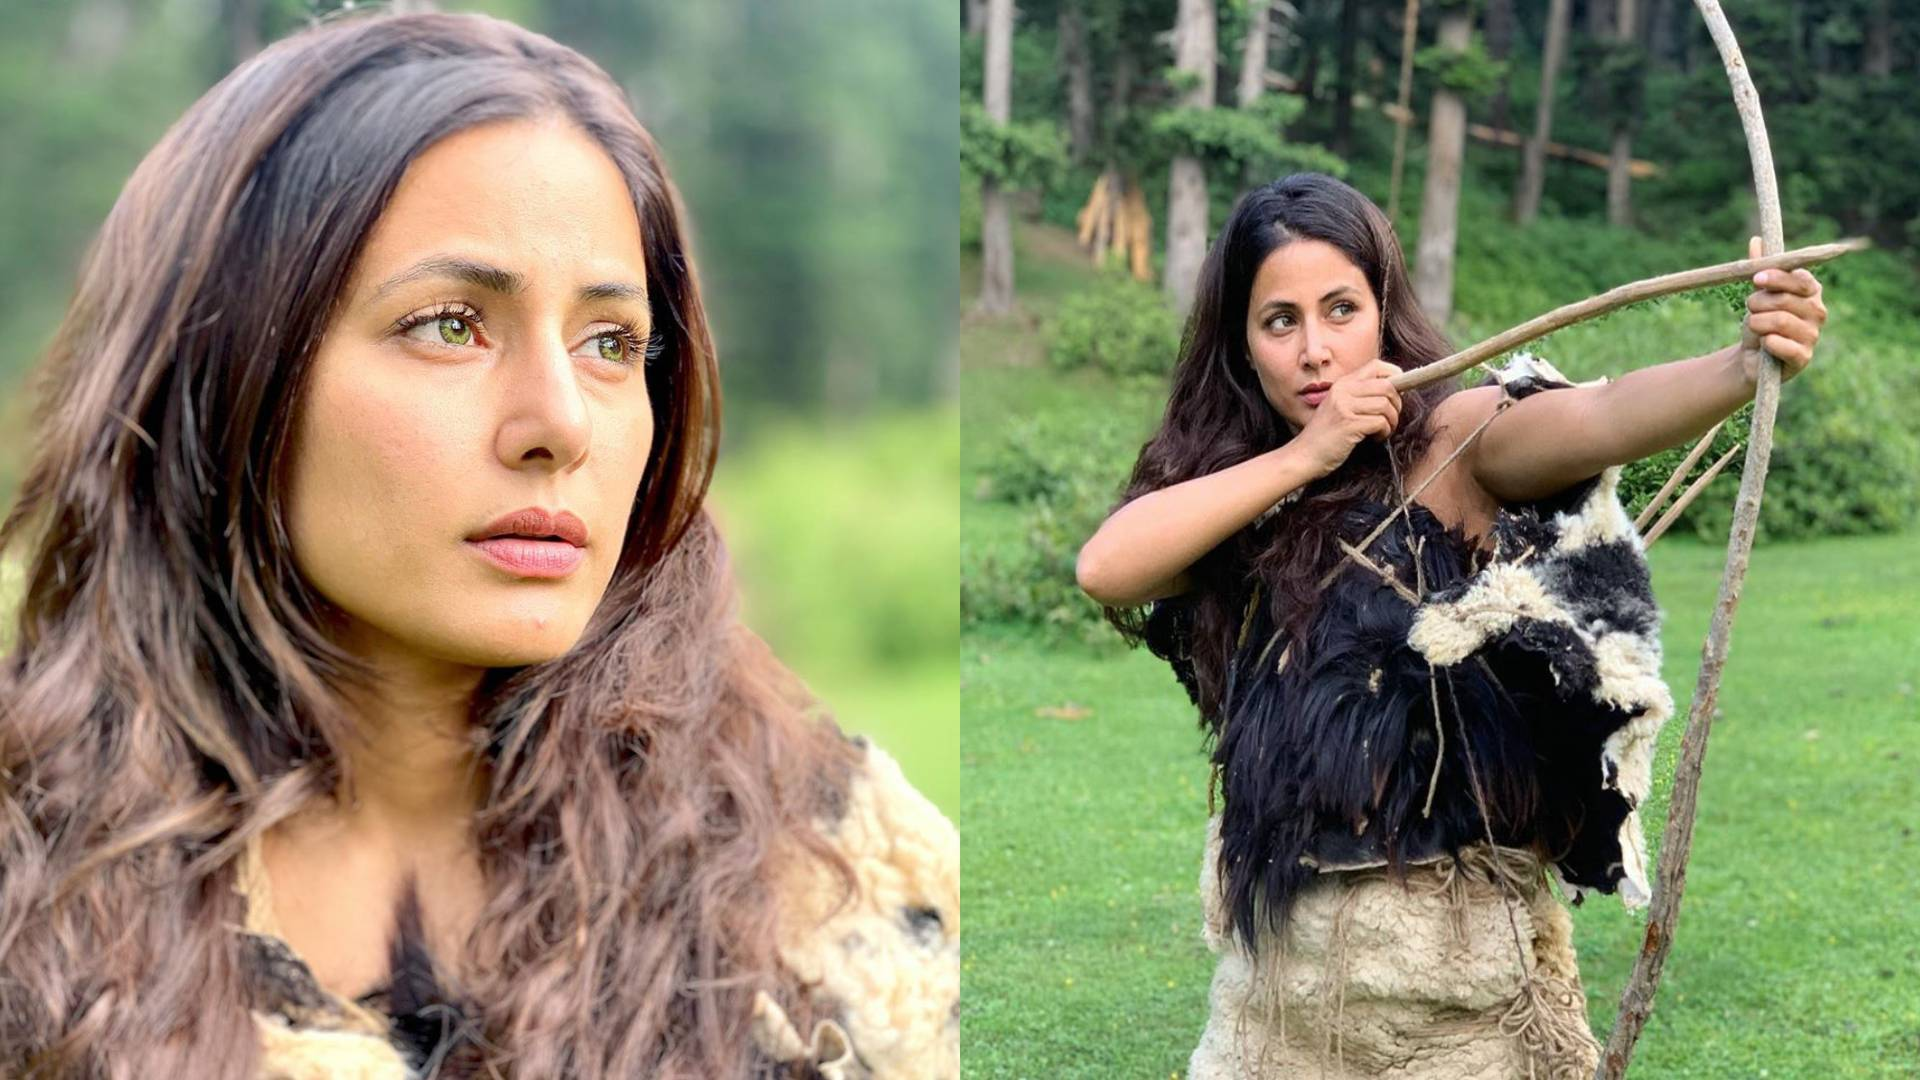 हिना खान इंडो- हॉलीवुड फिल्म कंट्री ऑफ ब्लाइंड में निभाएंगी ये किरदार, हाथ में धनुष लिए शिकार करती आईं नजर